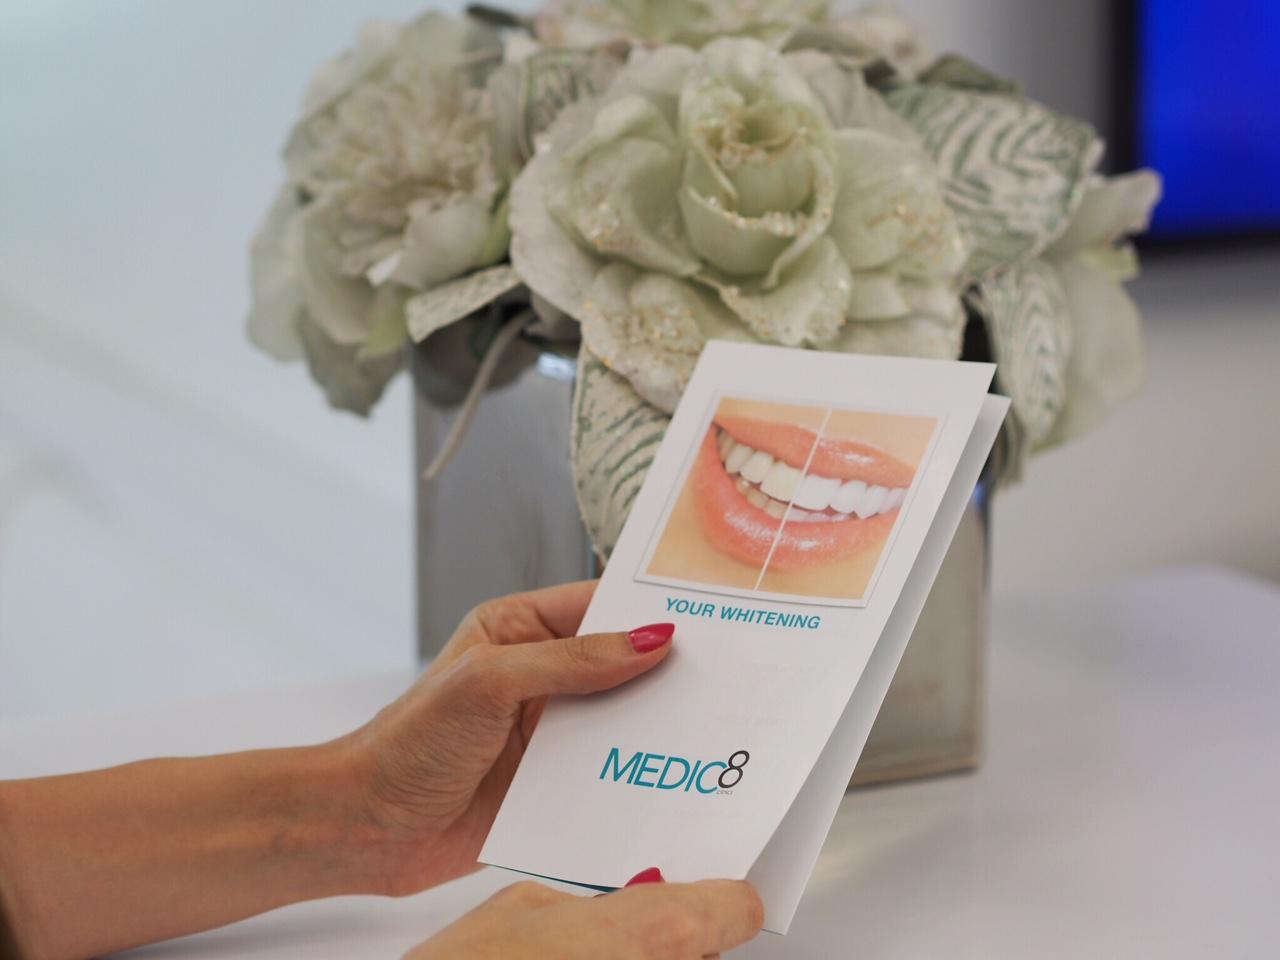 Medic8 Clinic Lebanon Dentist Orthodontist